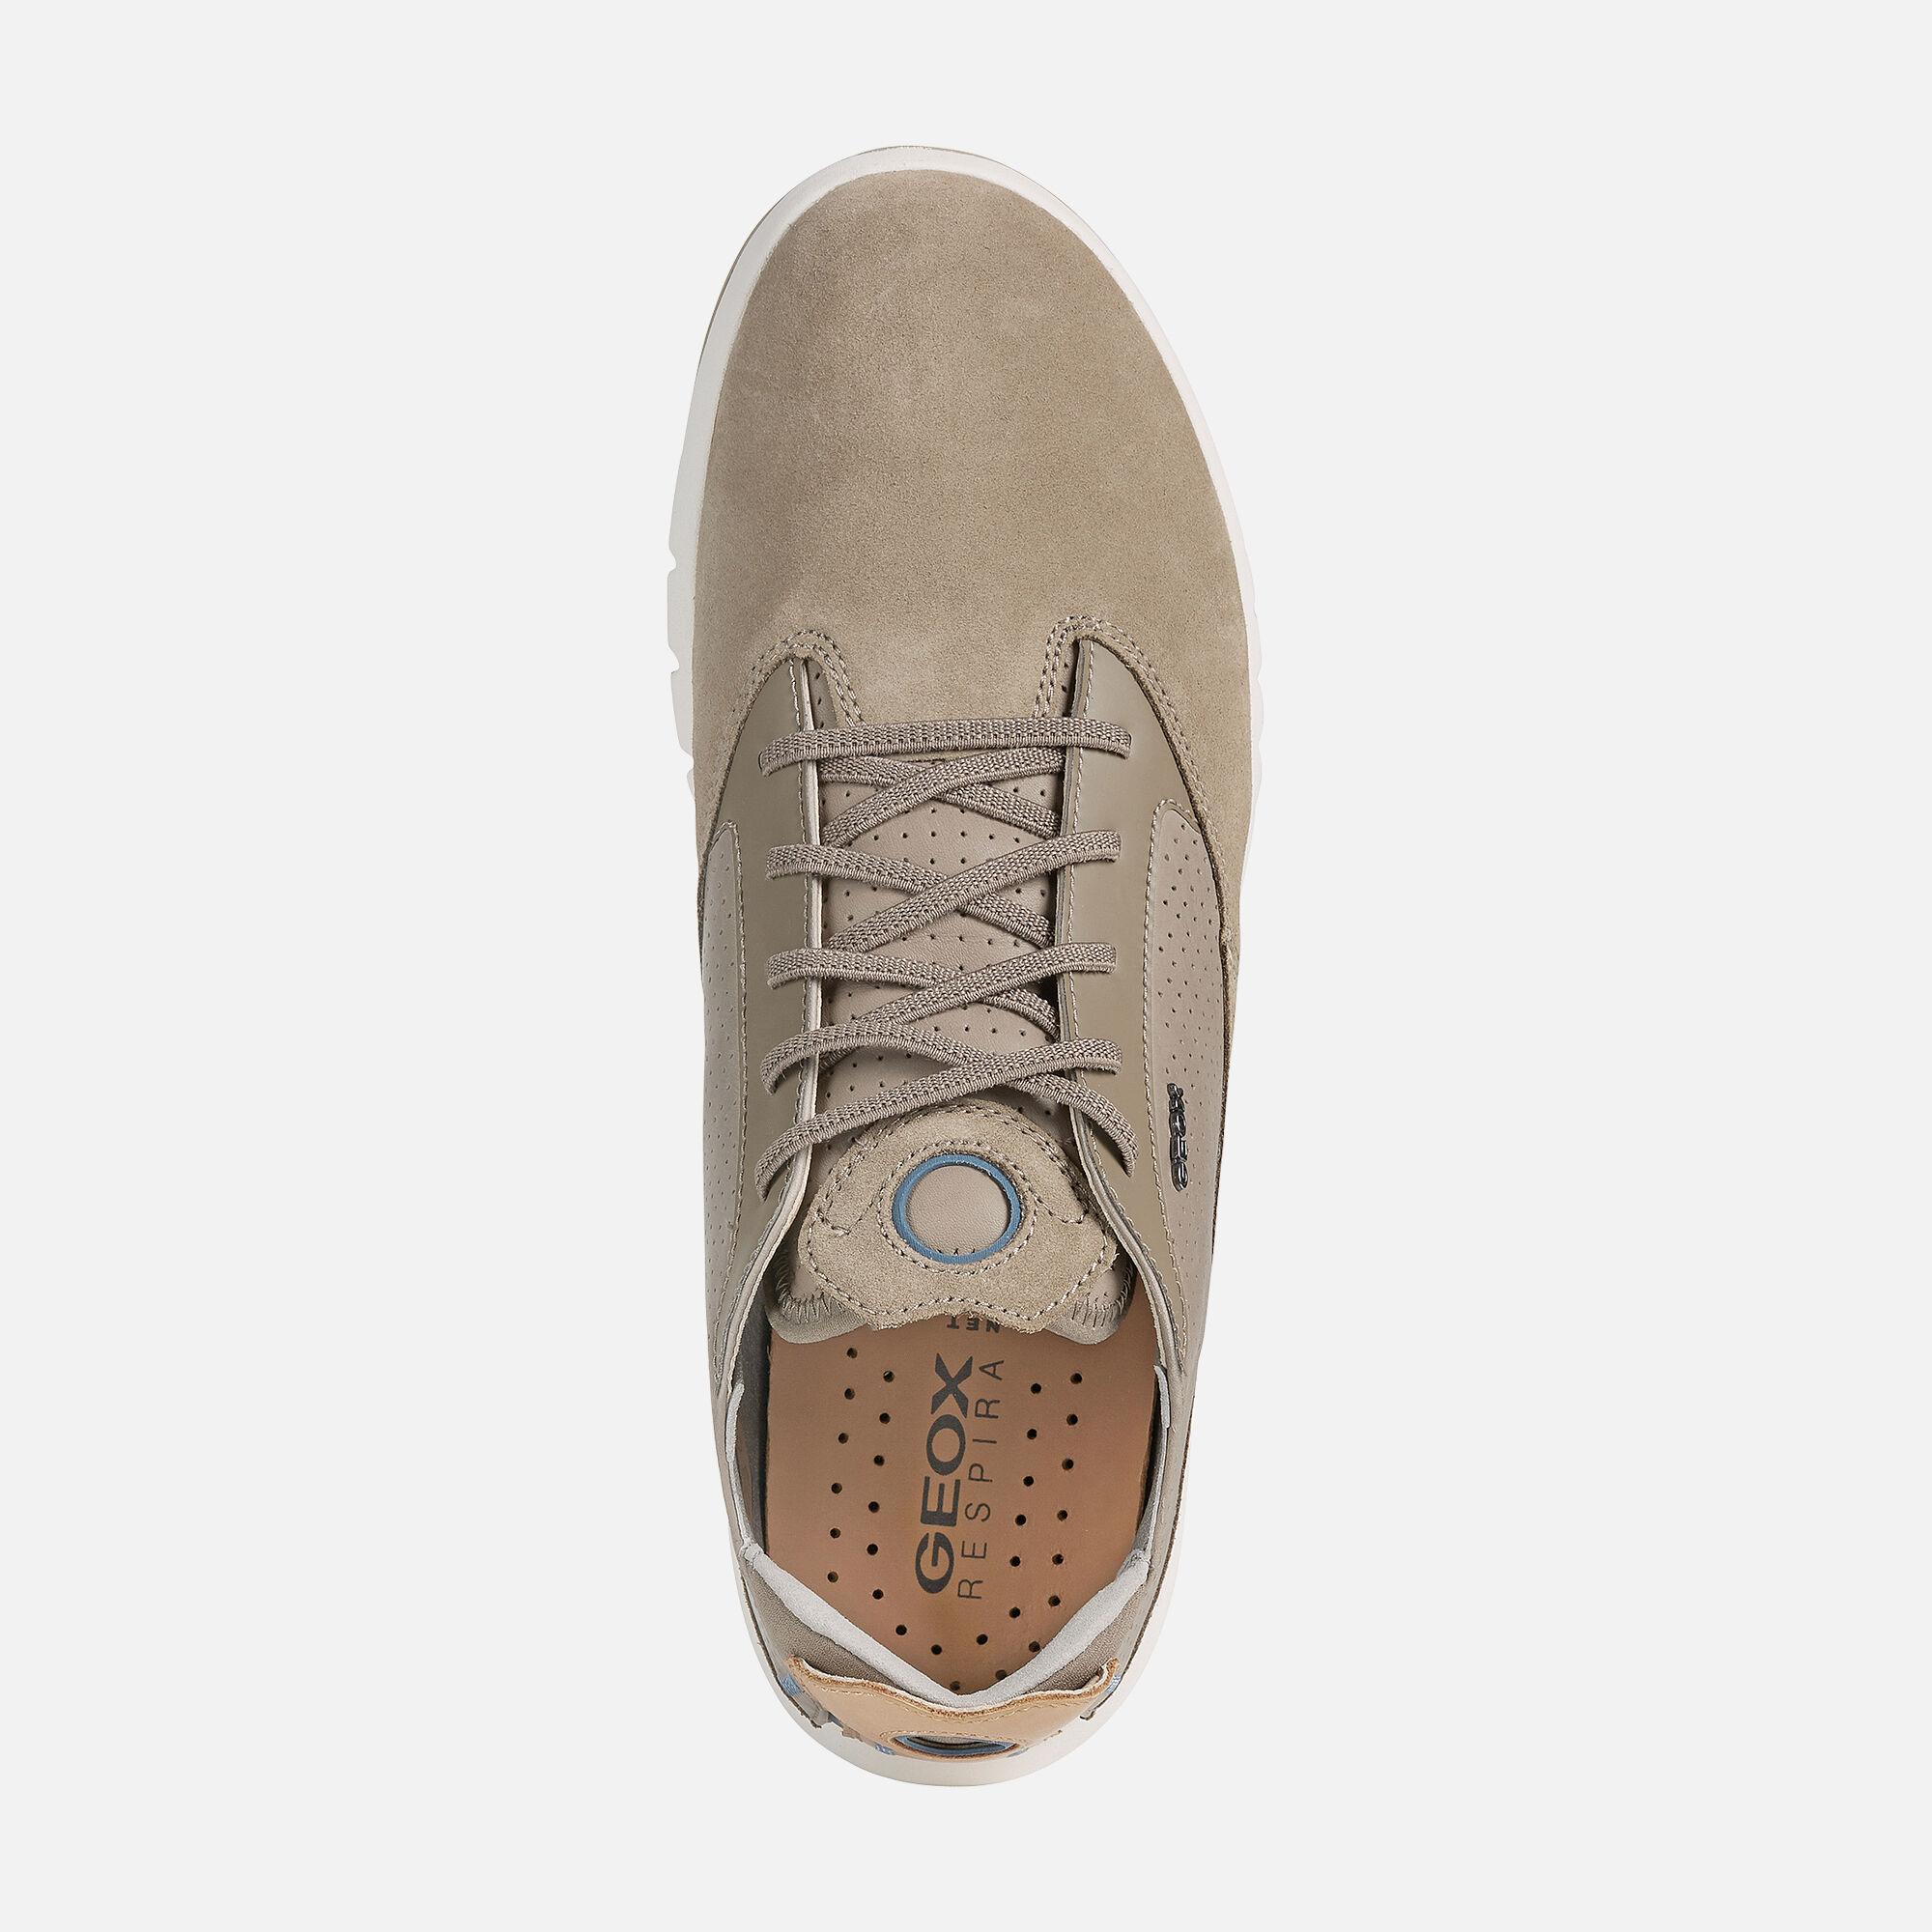 Geox AERANTIS Man: Sand Sneakers | Geox